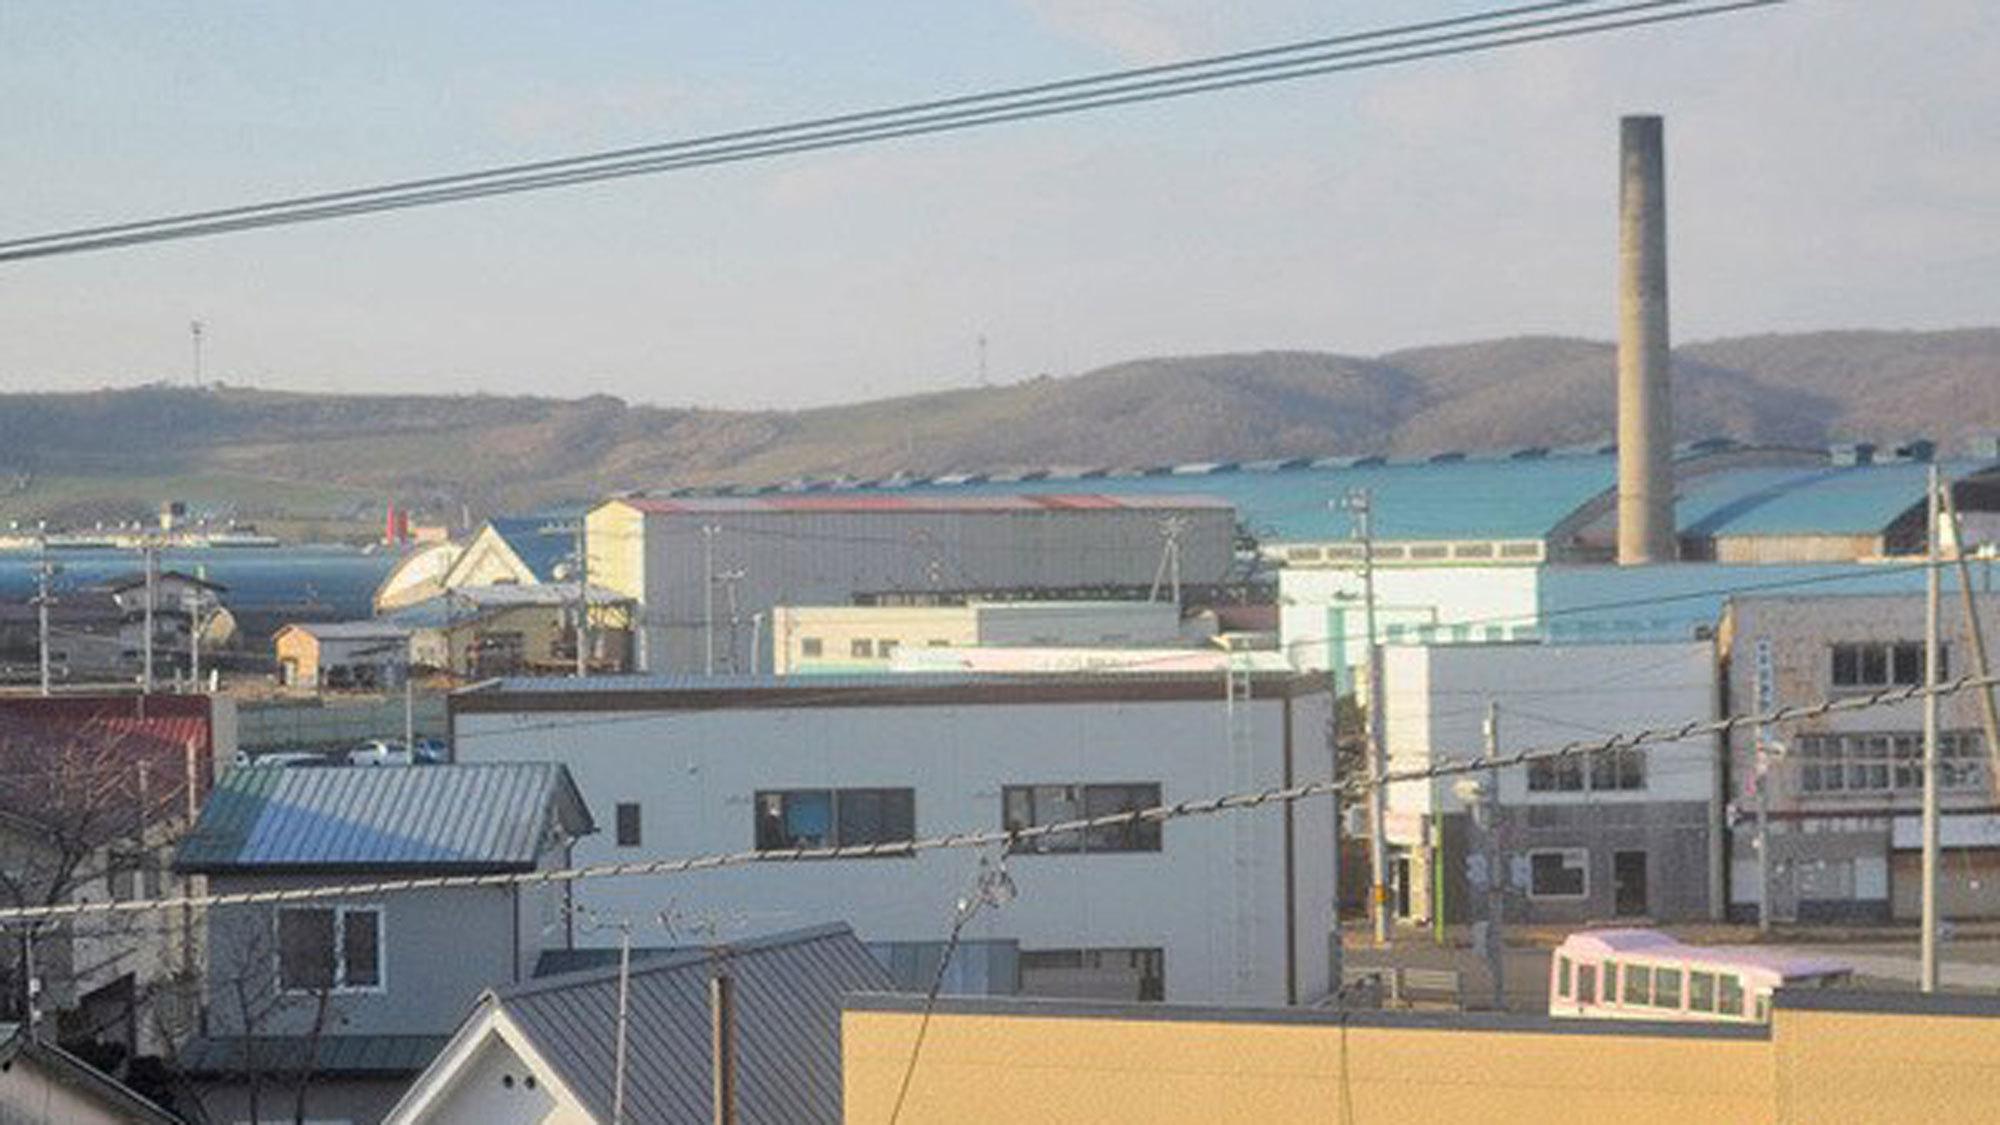 【窓からの景観】